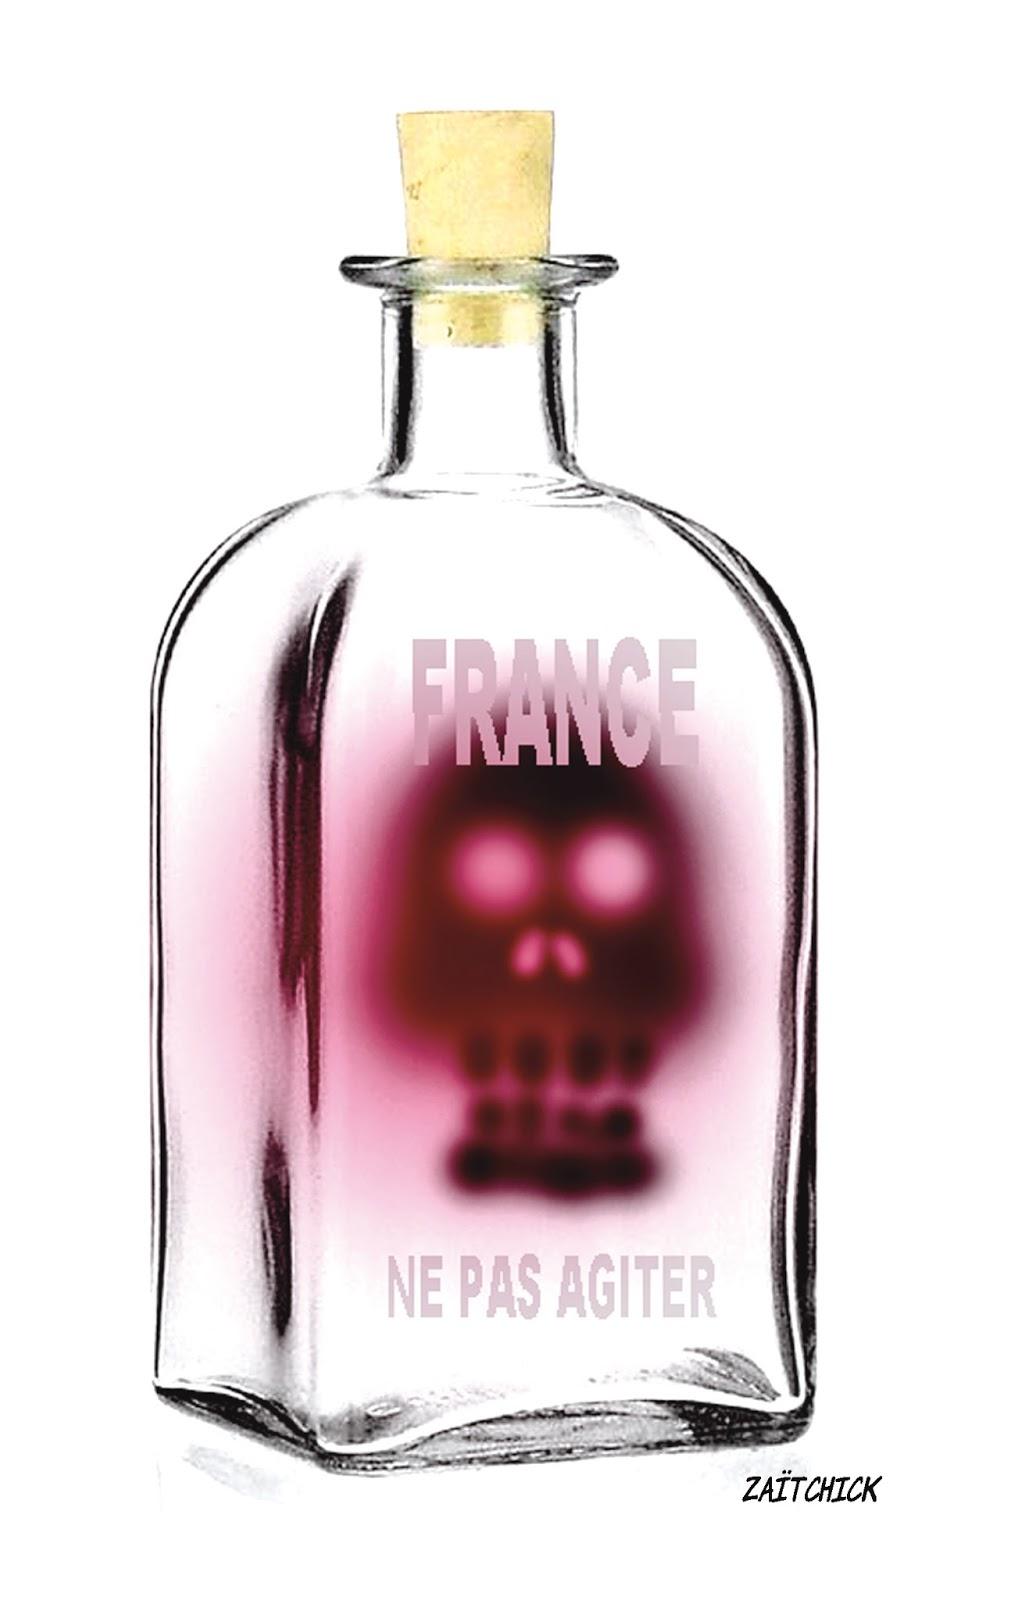 dessin d'actualité France à ne pas agiter